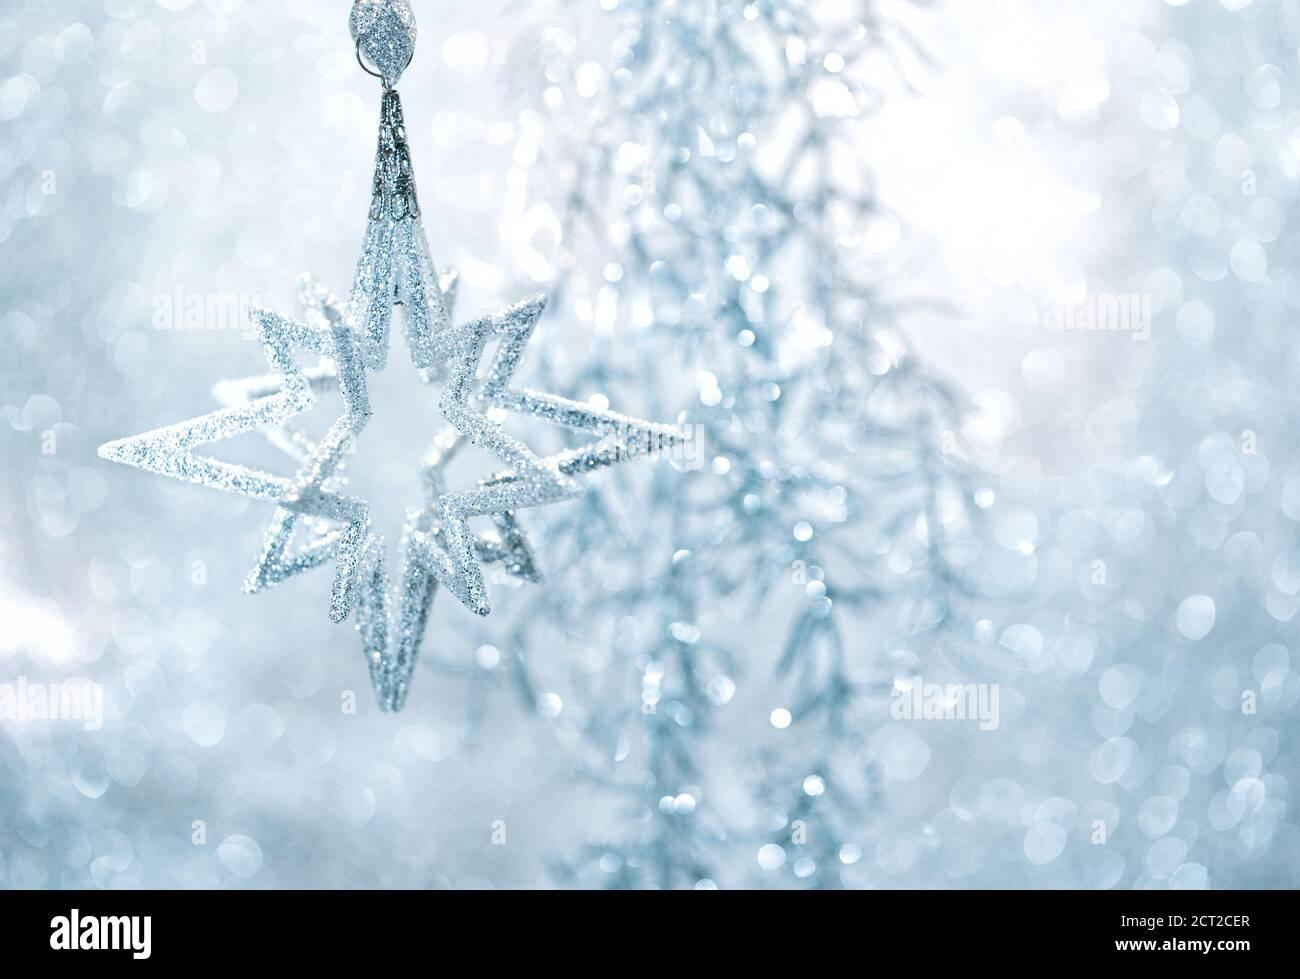 Weihnachtsdekoration Ornament auf verschwommenem Hintergrund Stockfoto